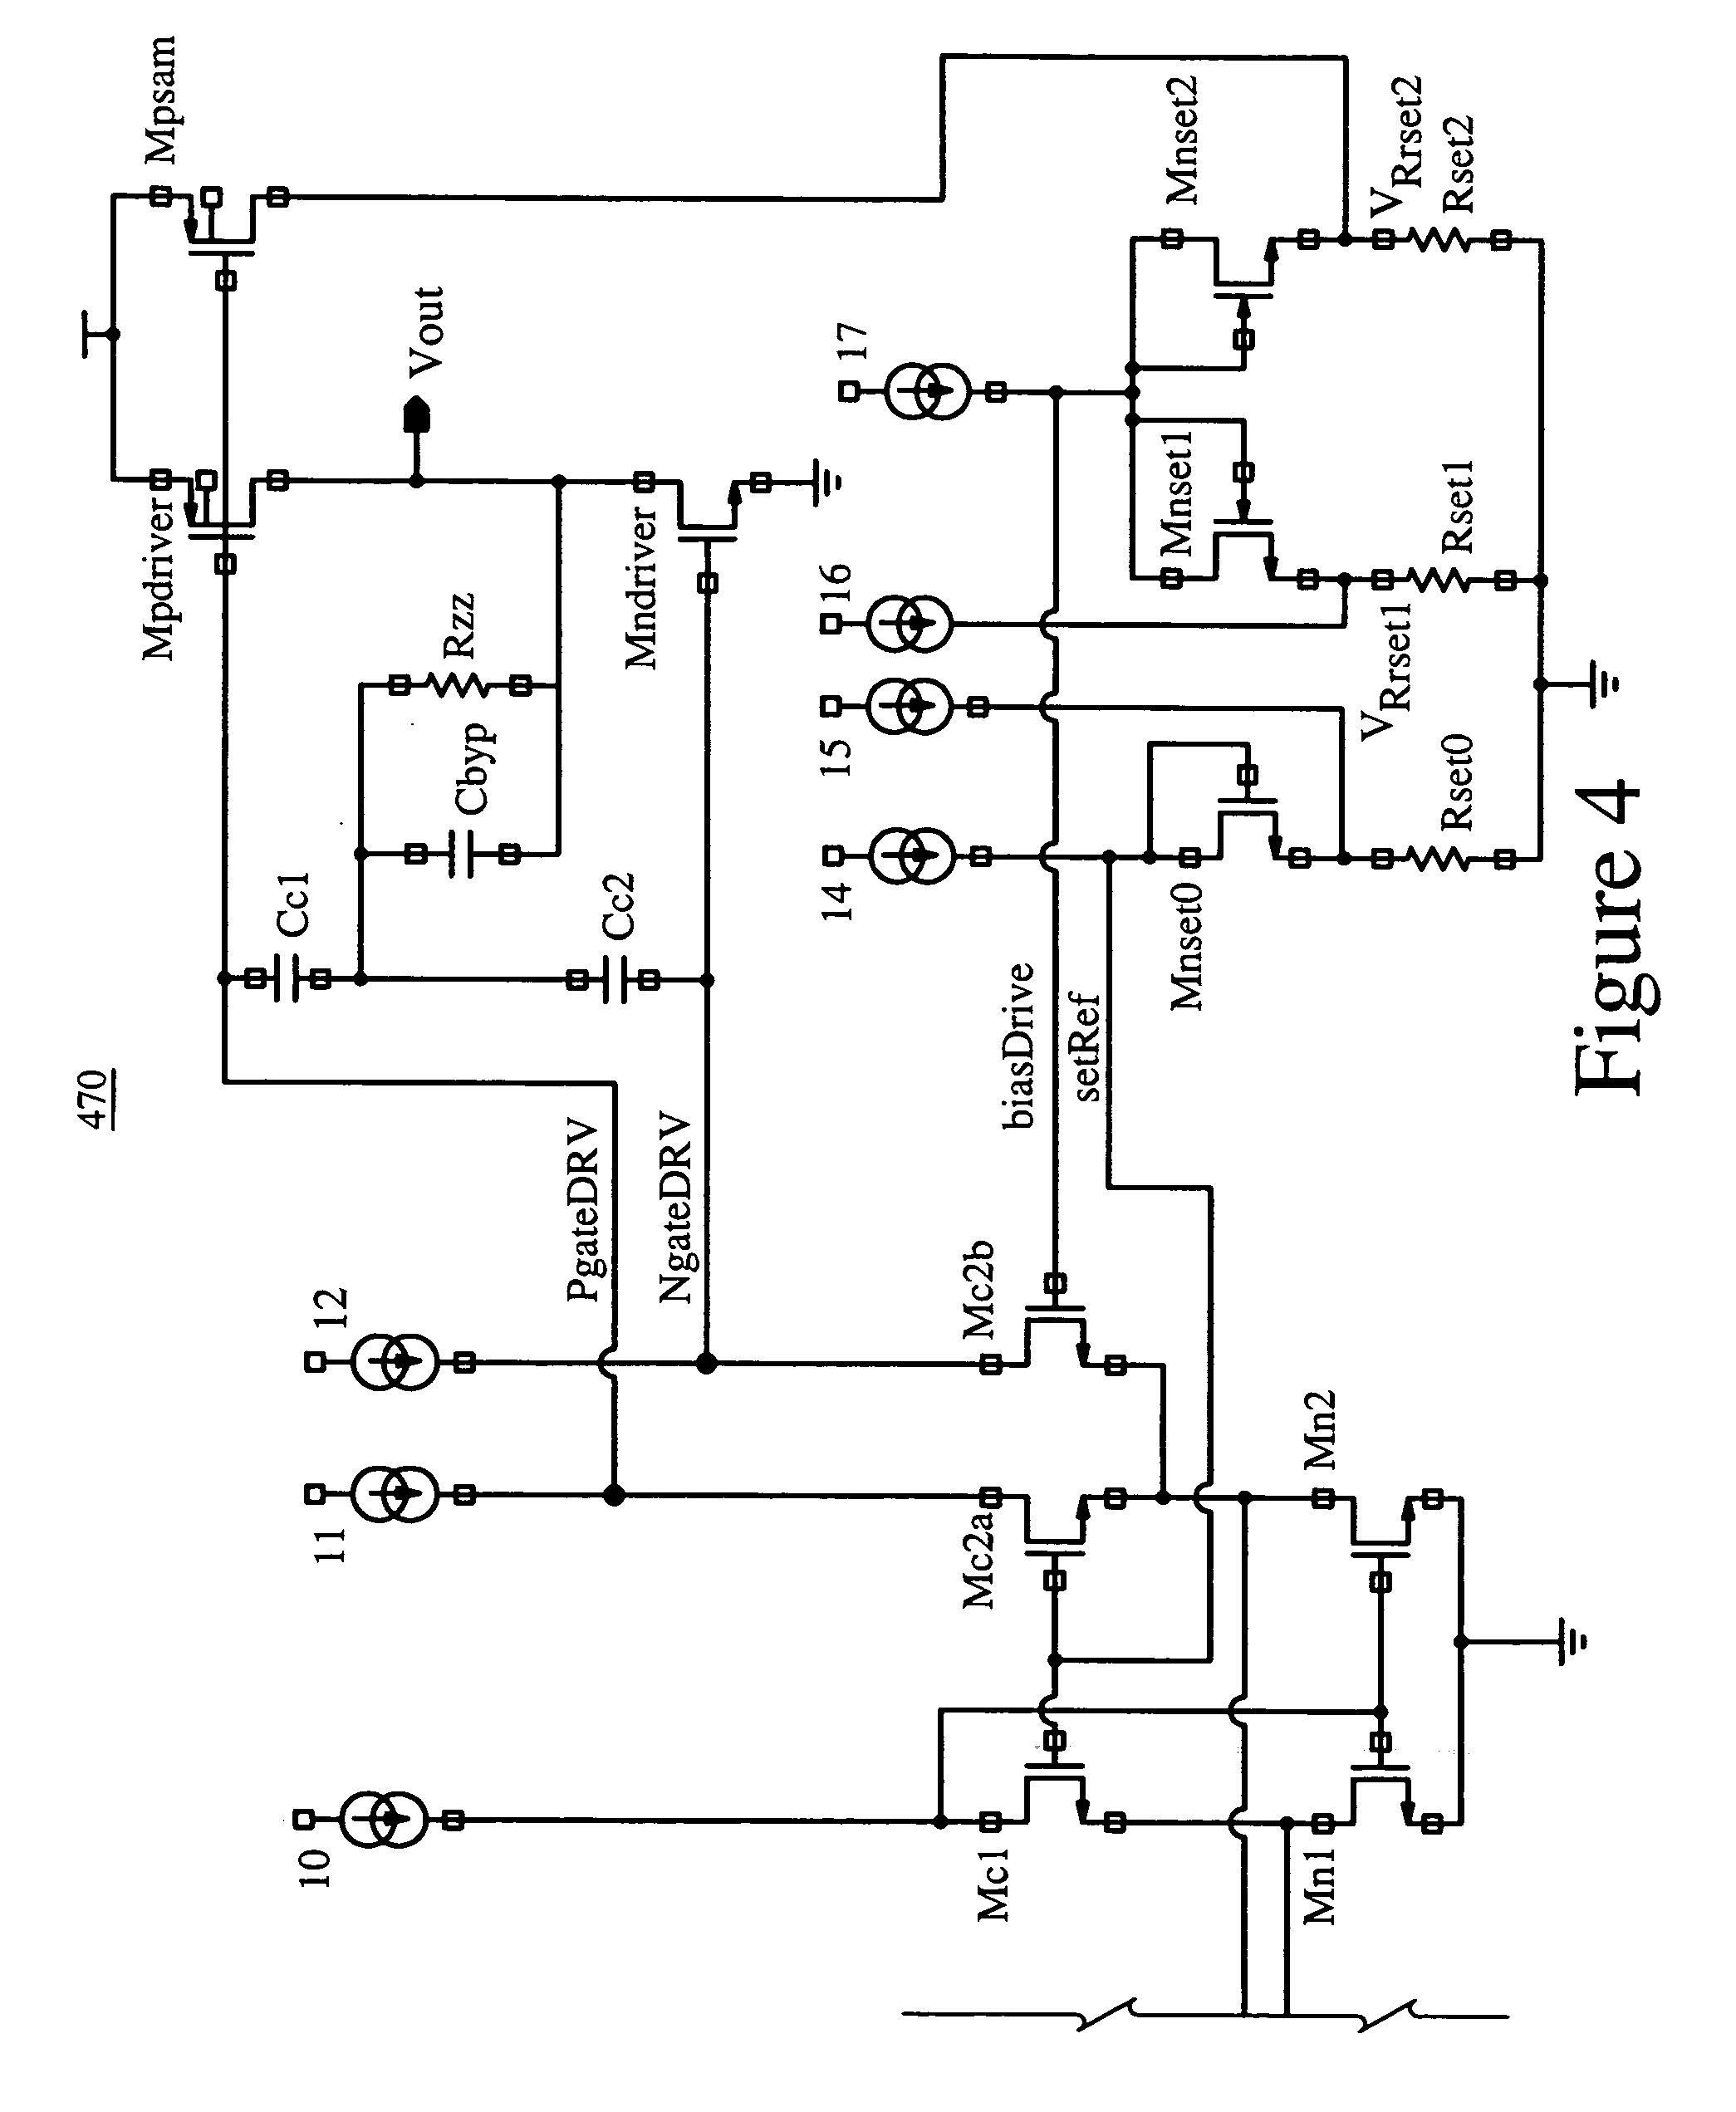 patent us7164317